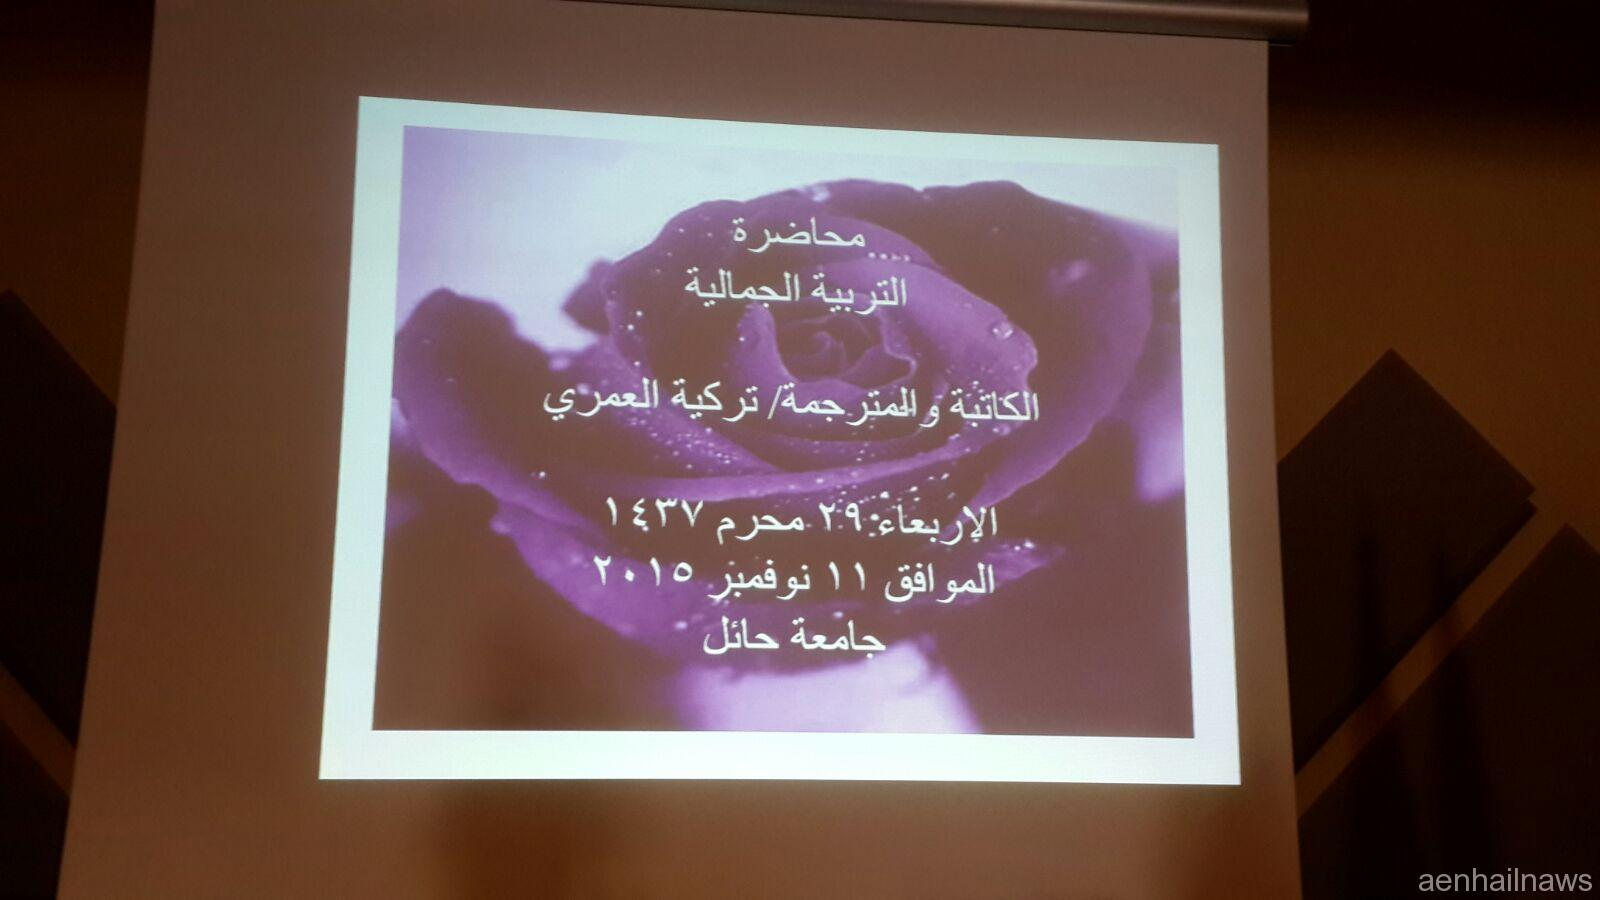 العمري تصافح ب( الجمالية ) جامعة حائل